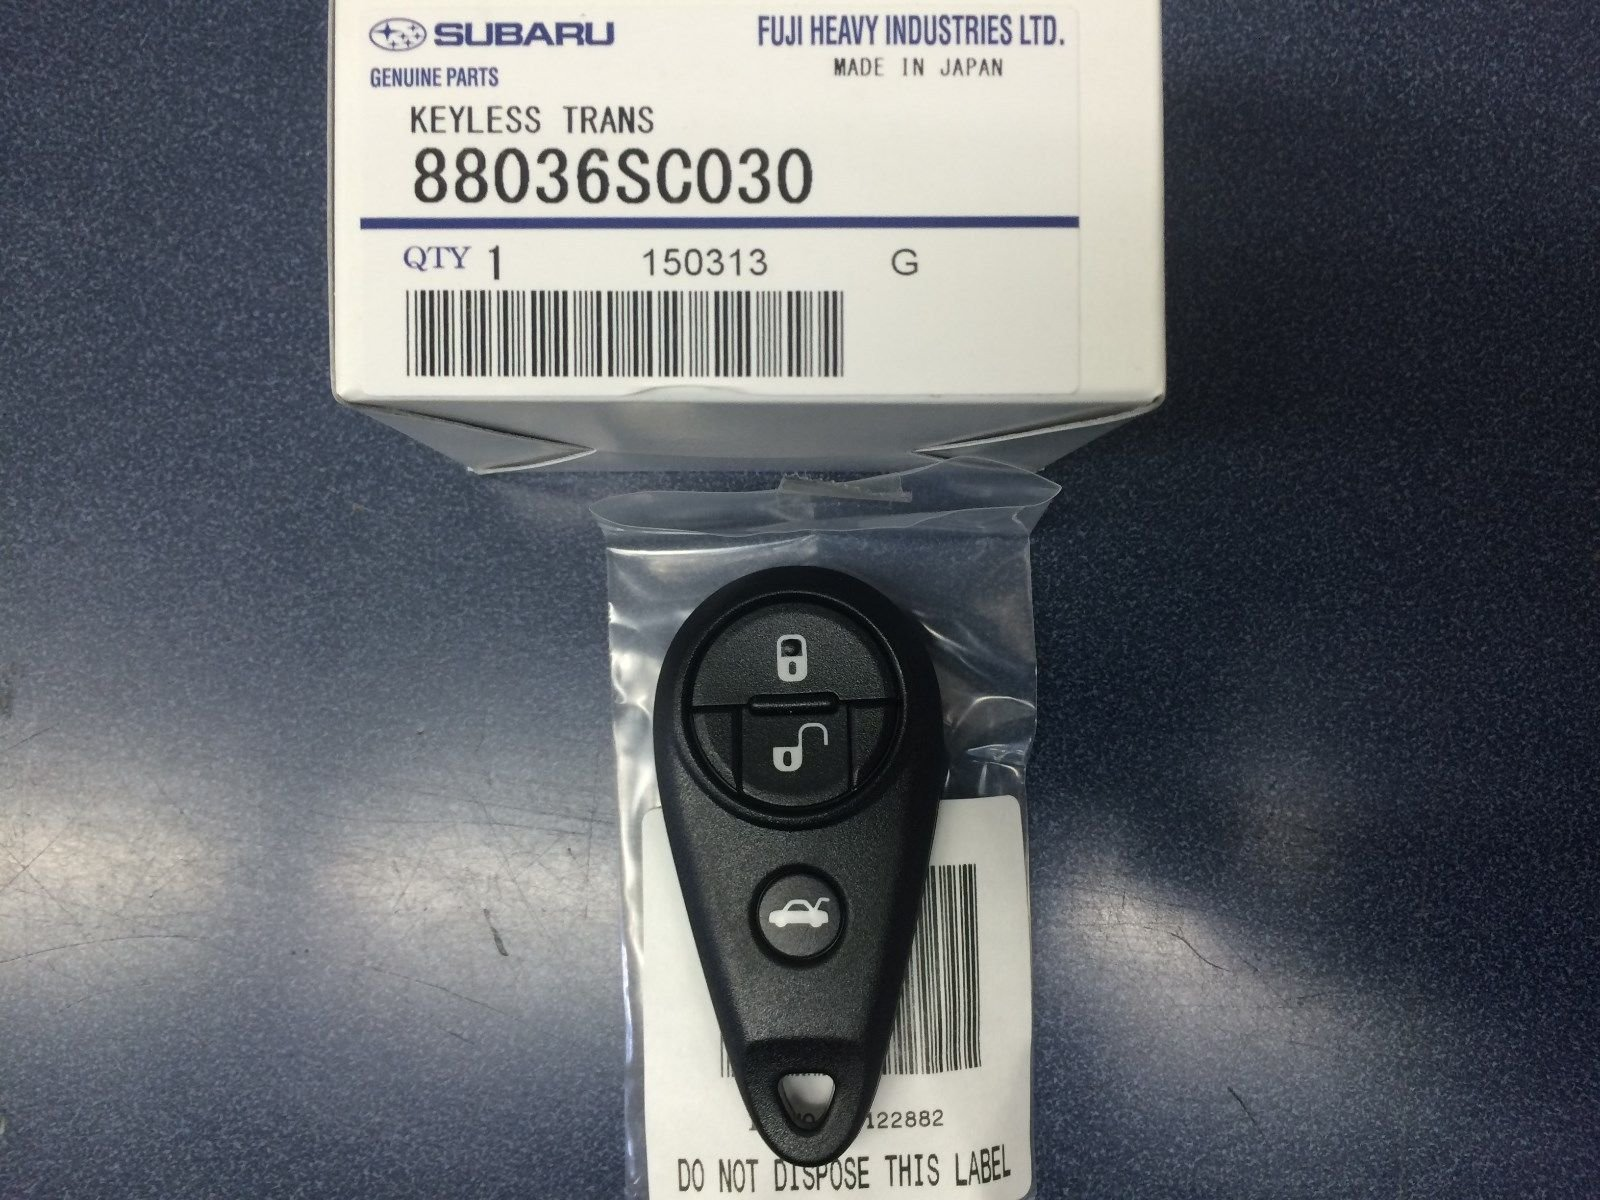 Genuine Subaru 88036SC030 Keyless Transmitter, 1 Pack